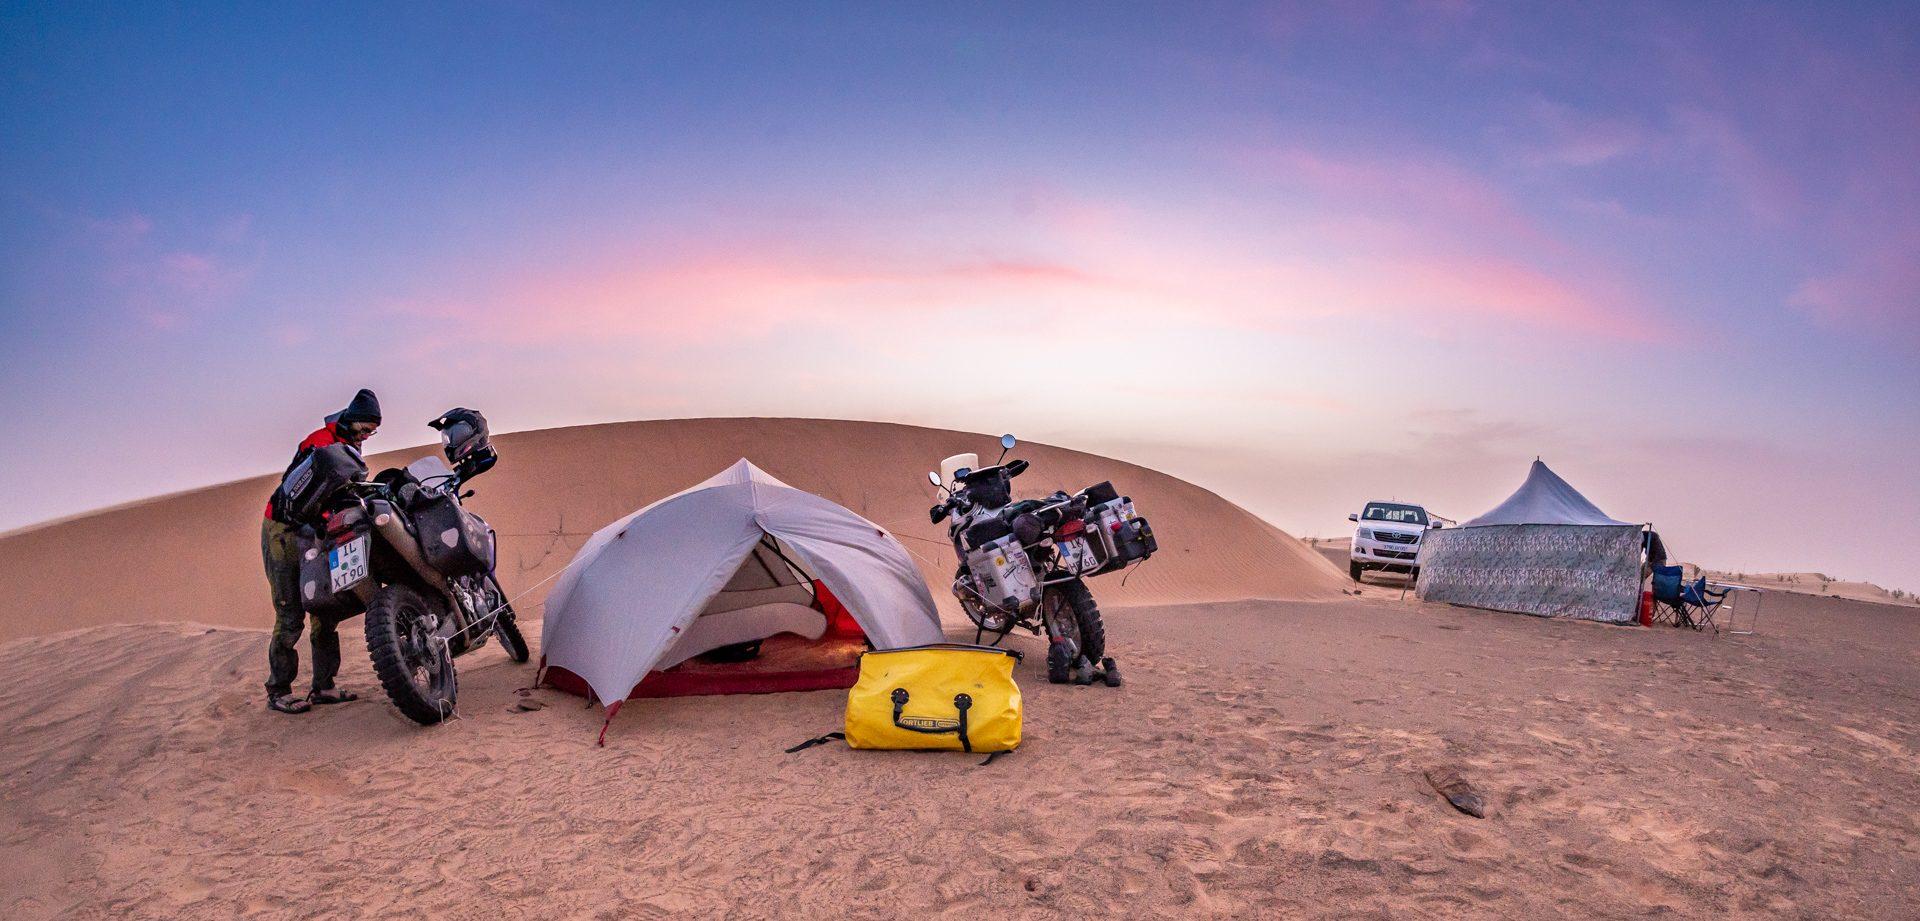 Zelt und Motorraeder in Sandduene in Akjoujt, Mauretanien